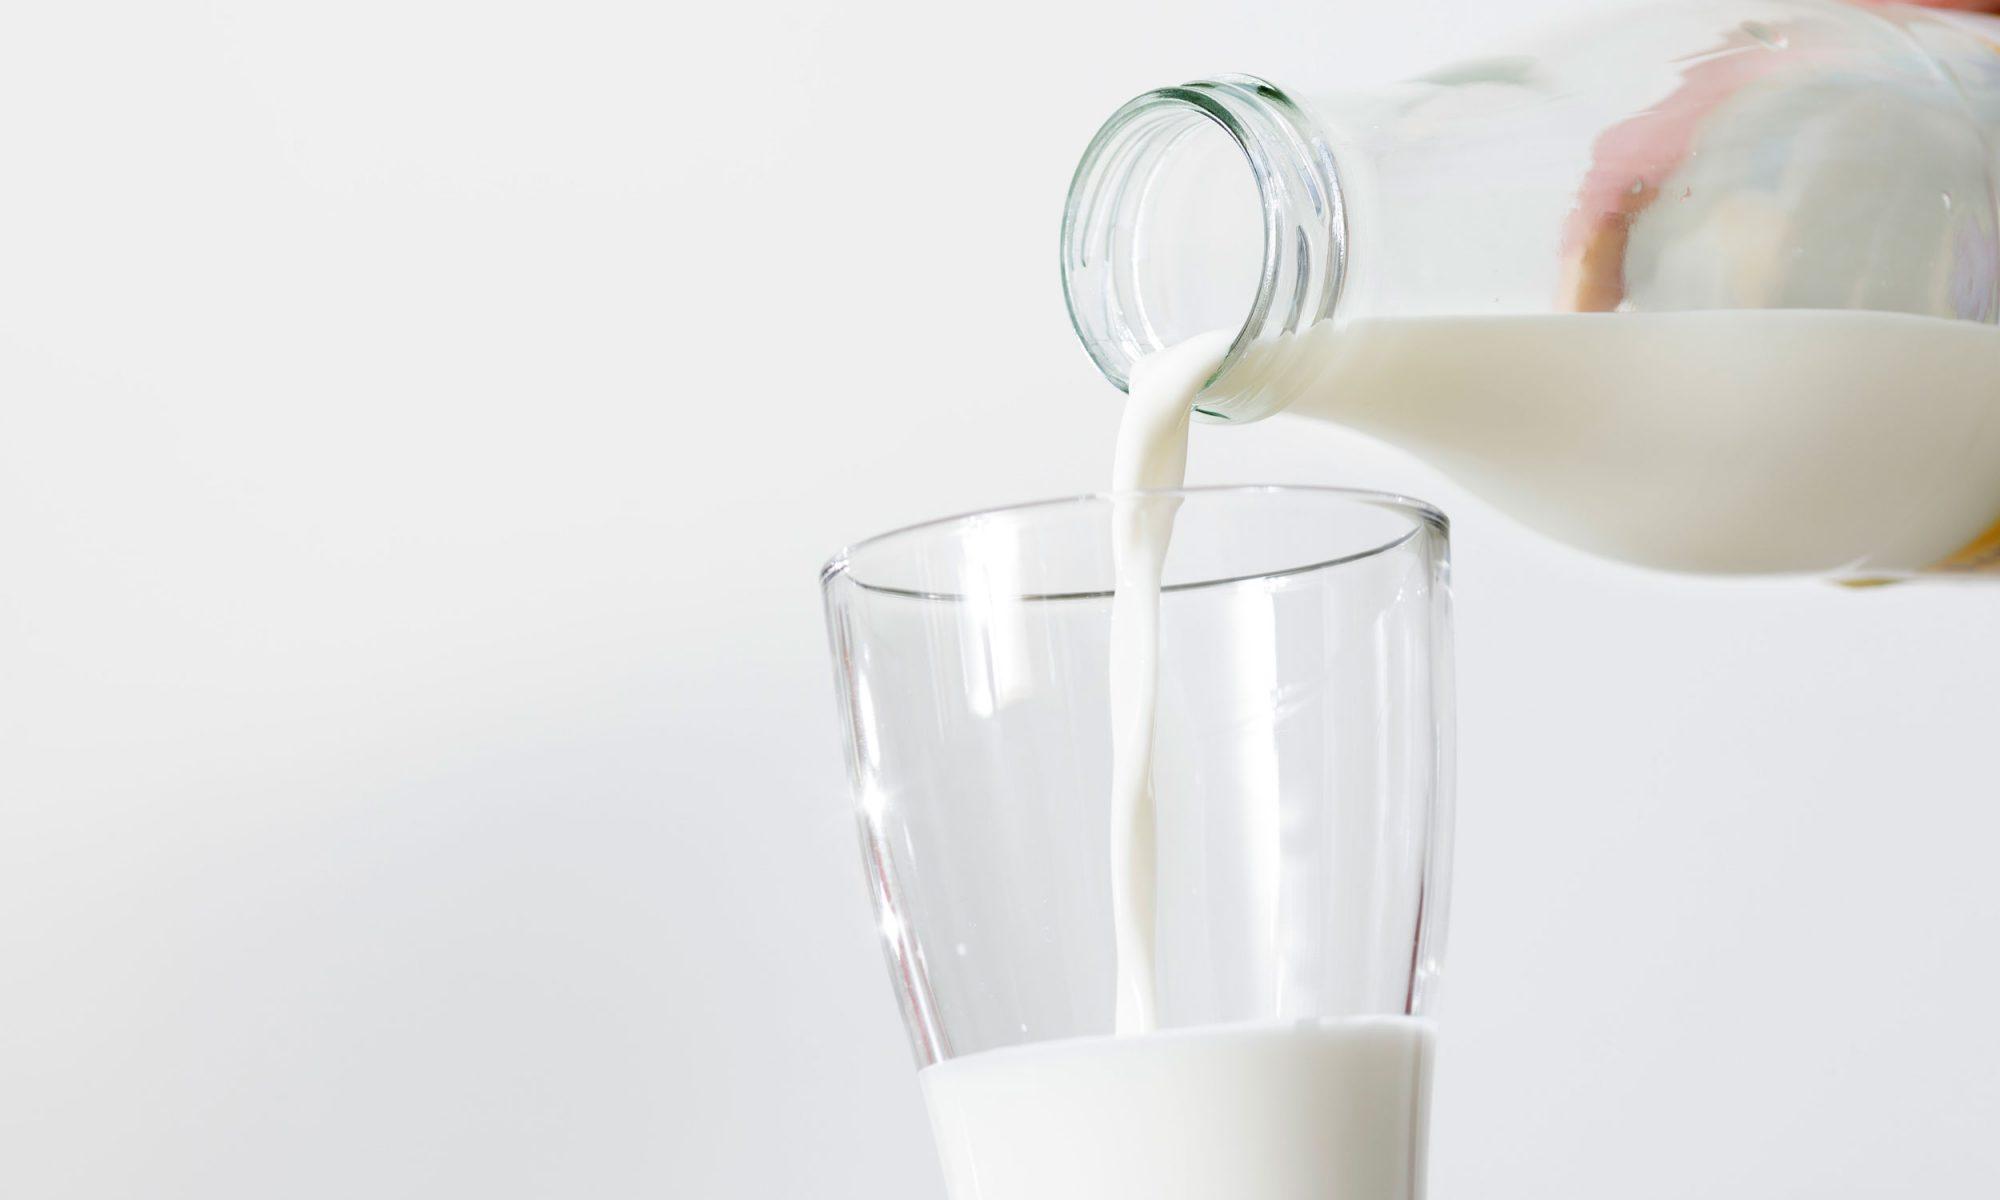 milk prices are rising